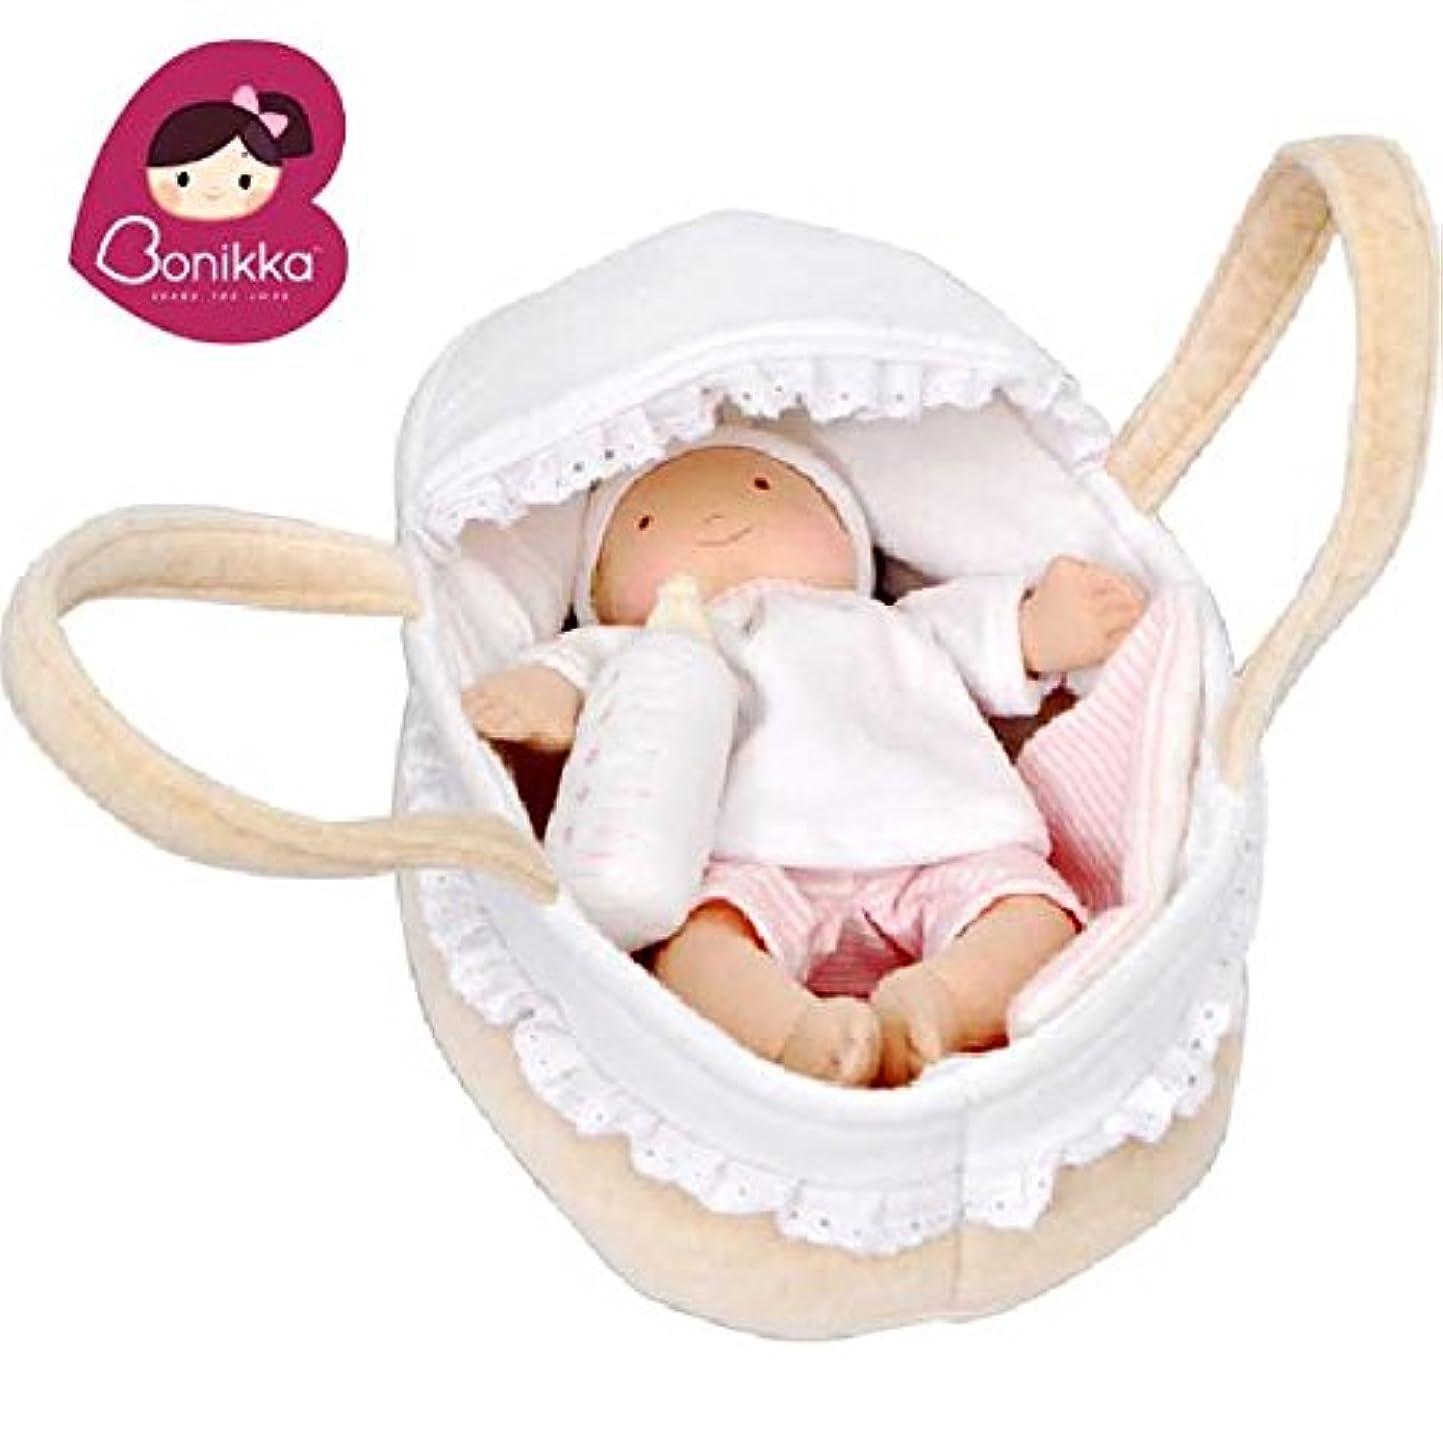 処理する虎次Bonikka ボニカ クーハンでおでかけ赤ちゃんセット ボトル&ブランケット付 お世話人形